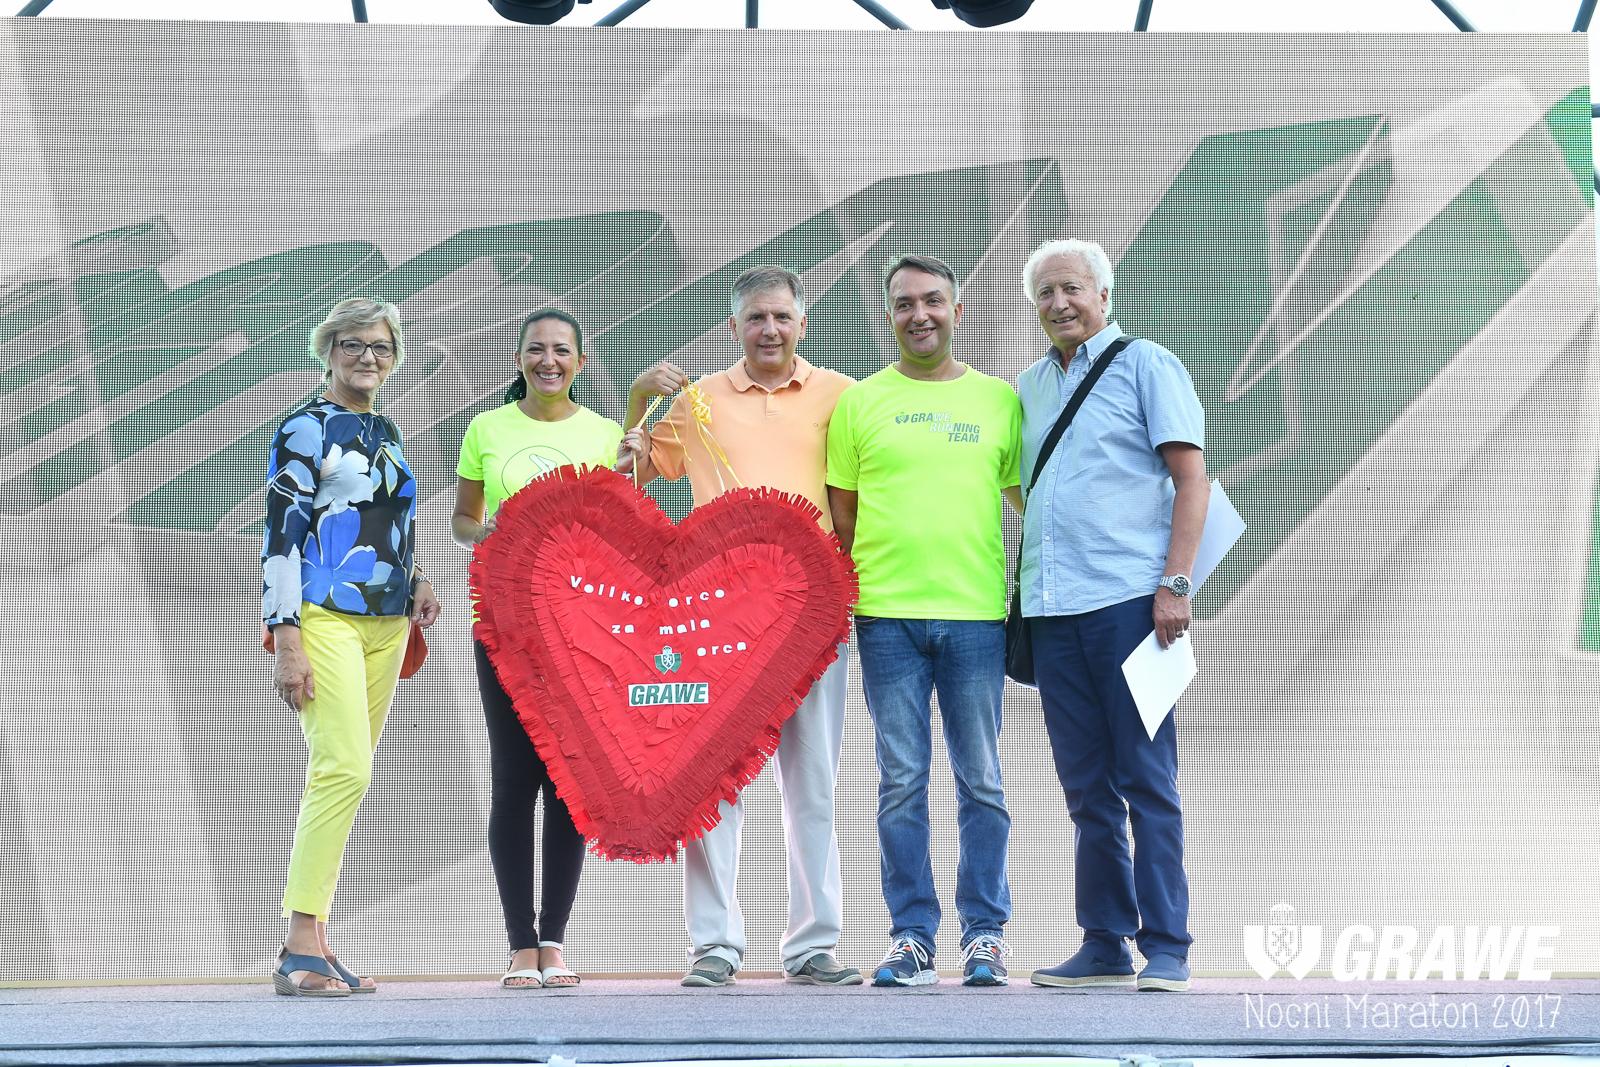 Dodjela donacije tijekom 4. GRAWE NOĆNOG MARATONA u kolovozu 2017. godine Udruzi Veliko srce malom srcu